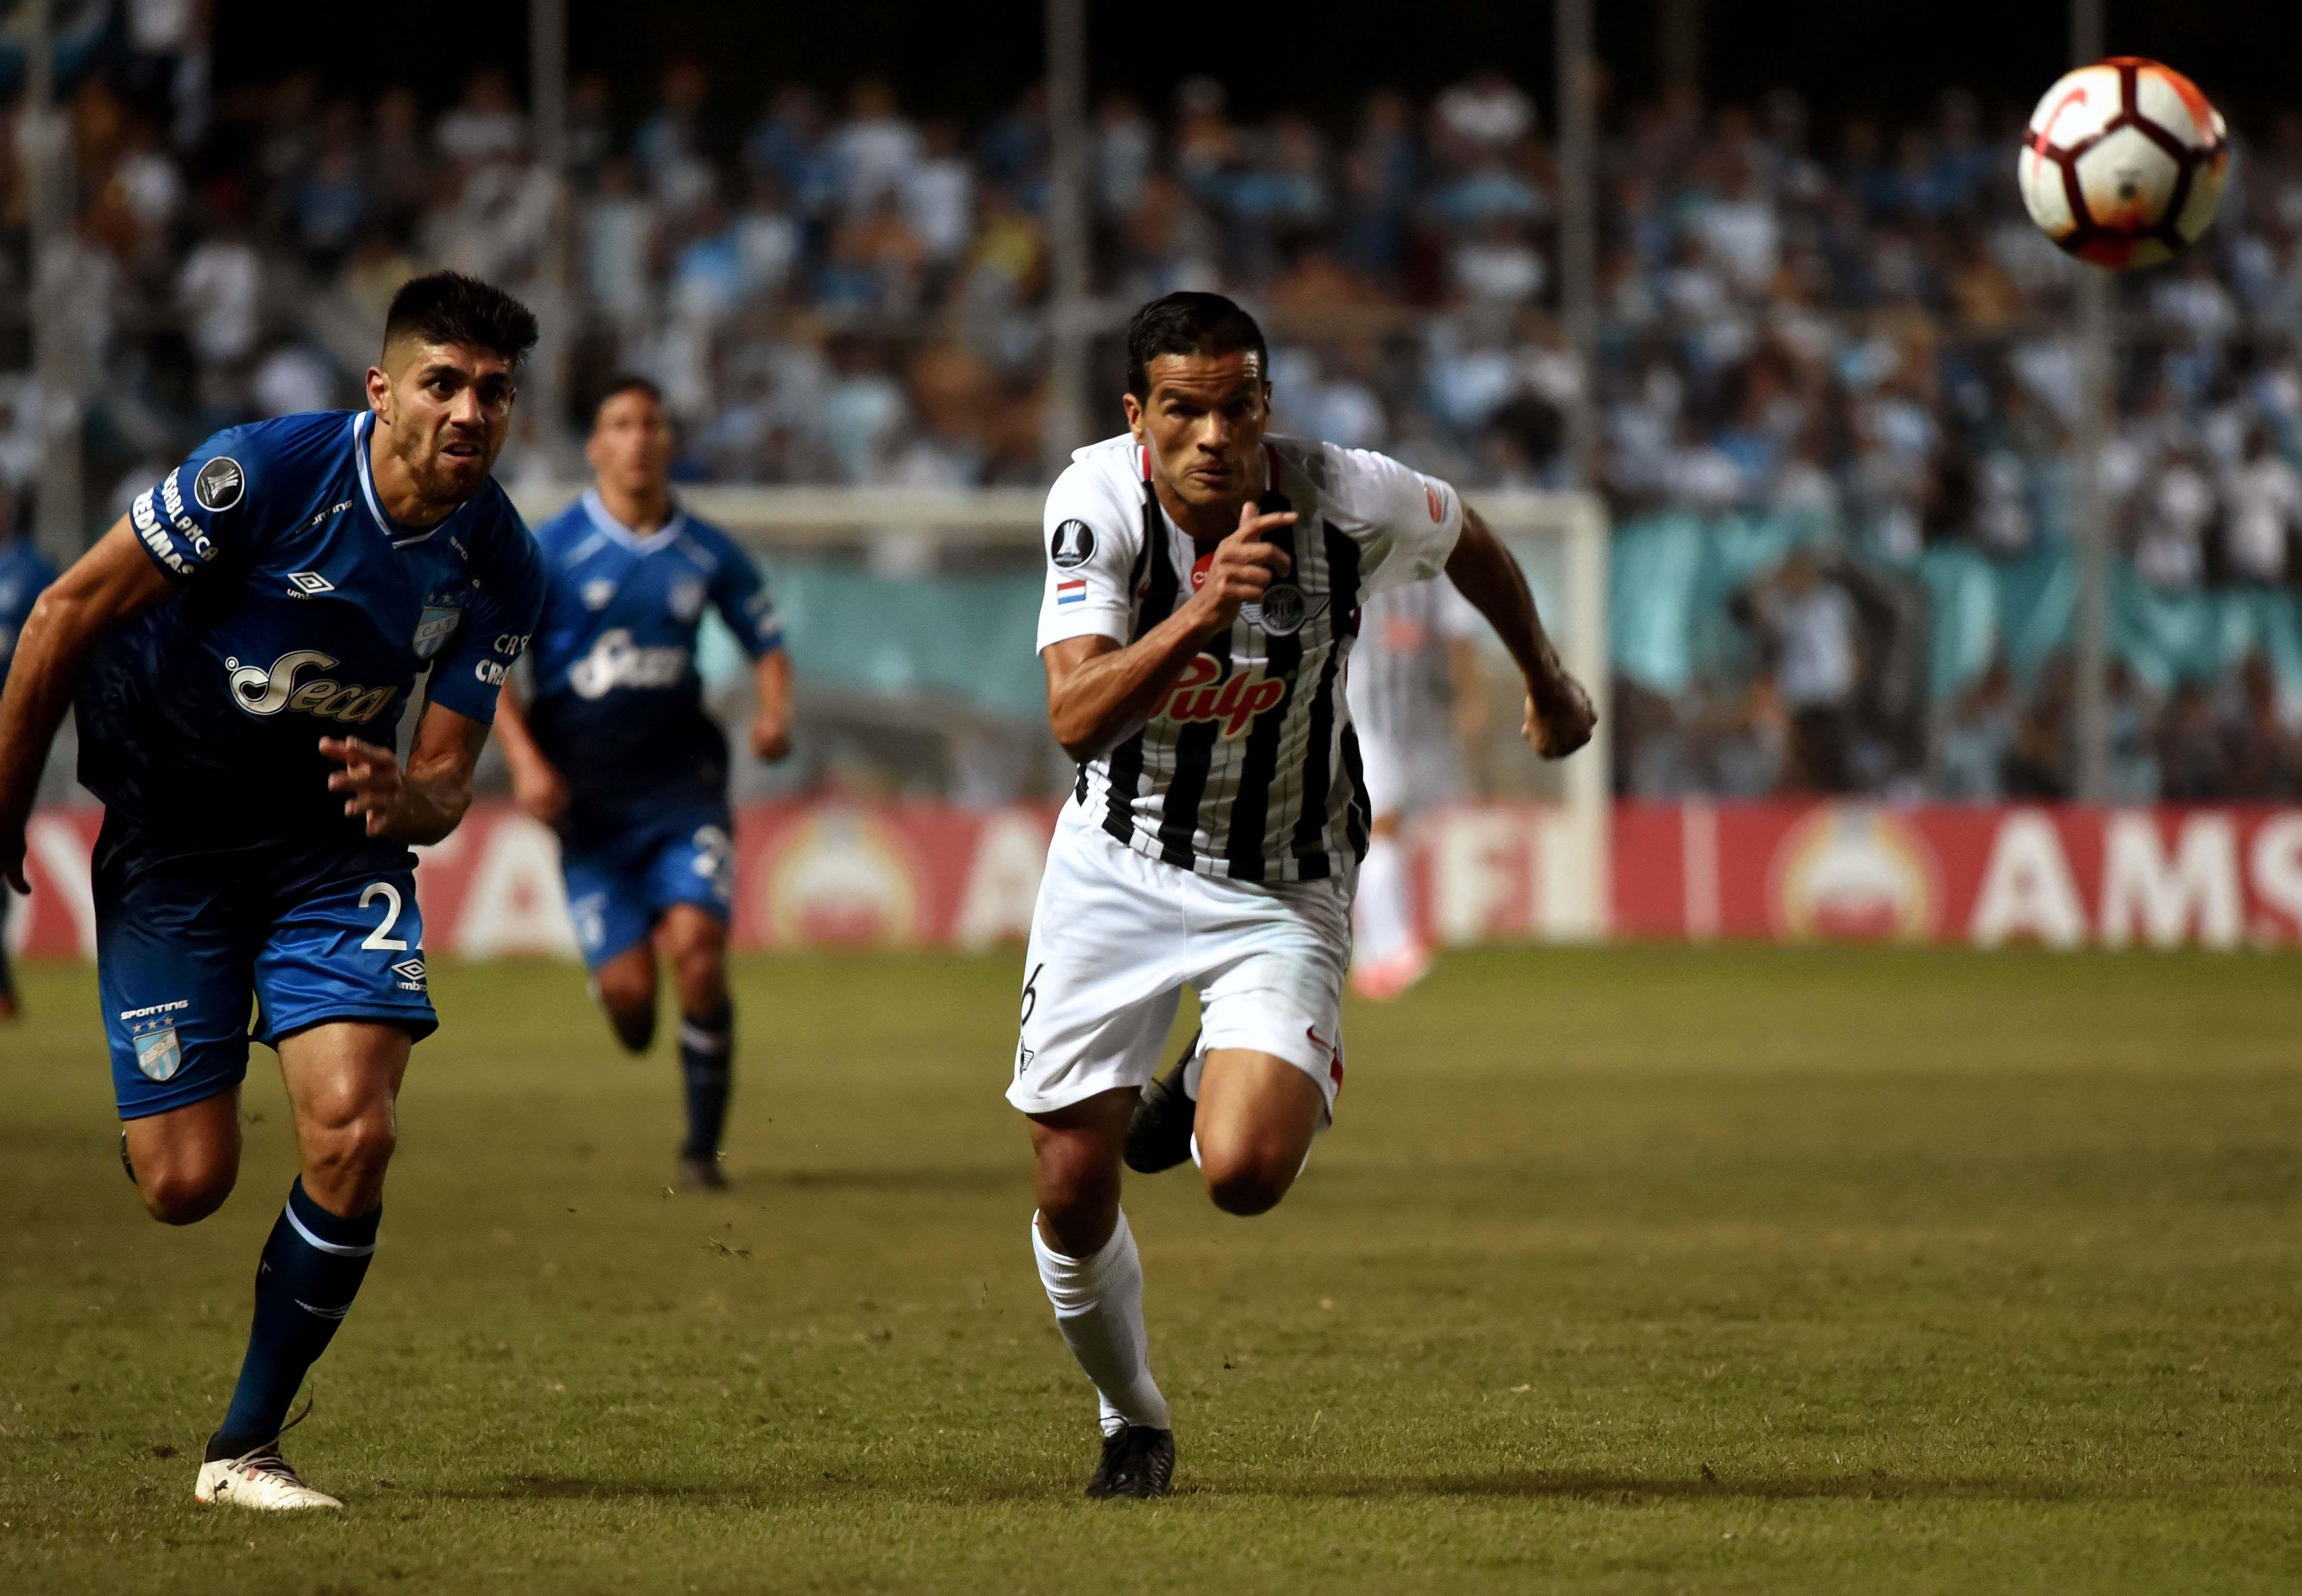 Libertad y Atlético Tucumán empataron y clasificaron